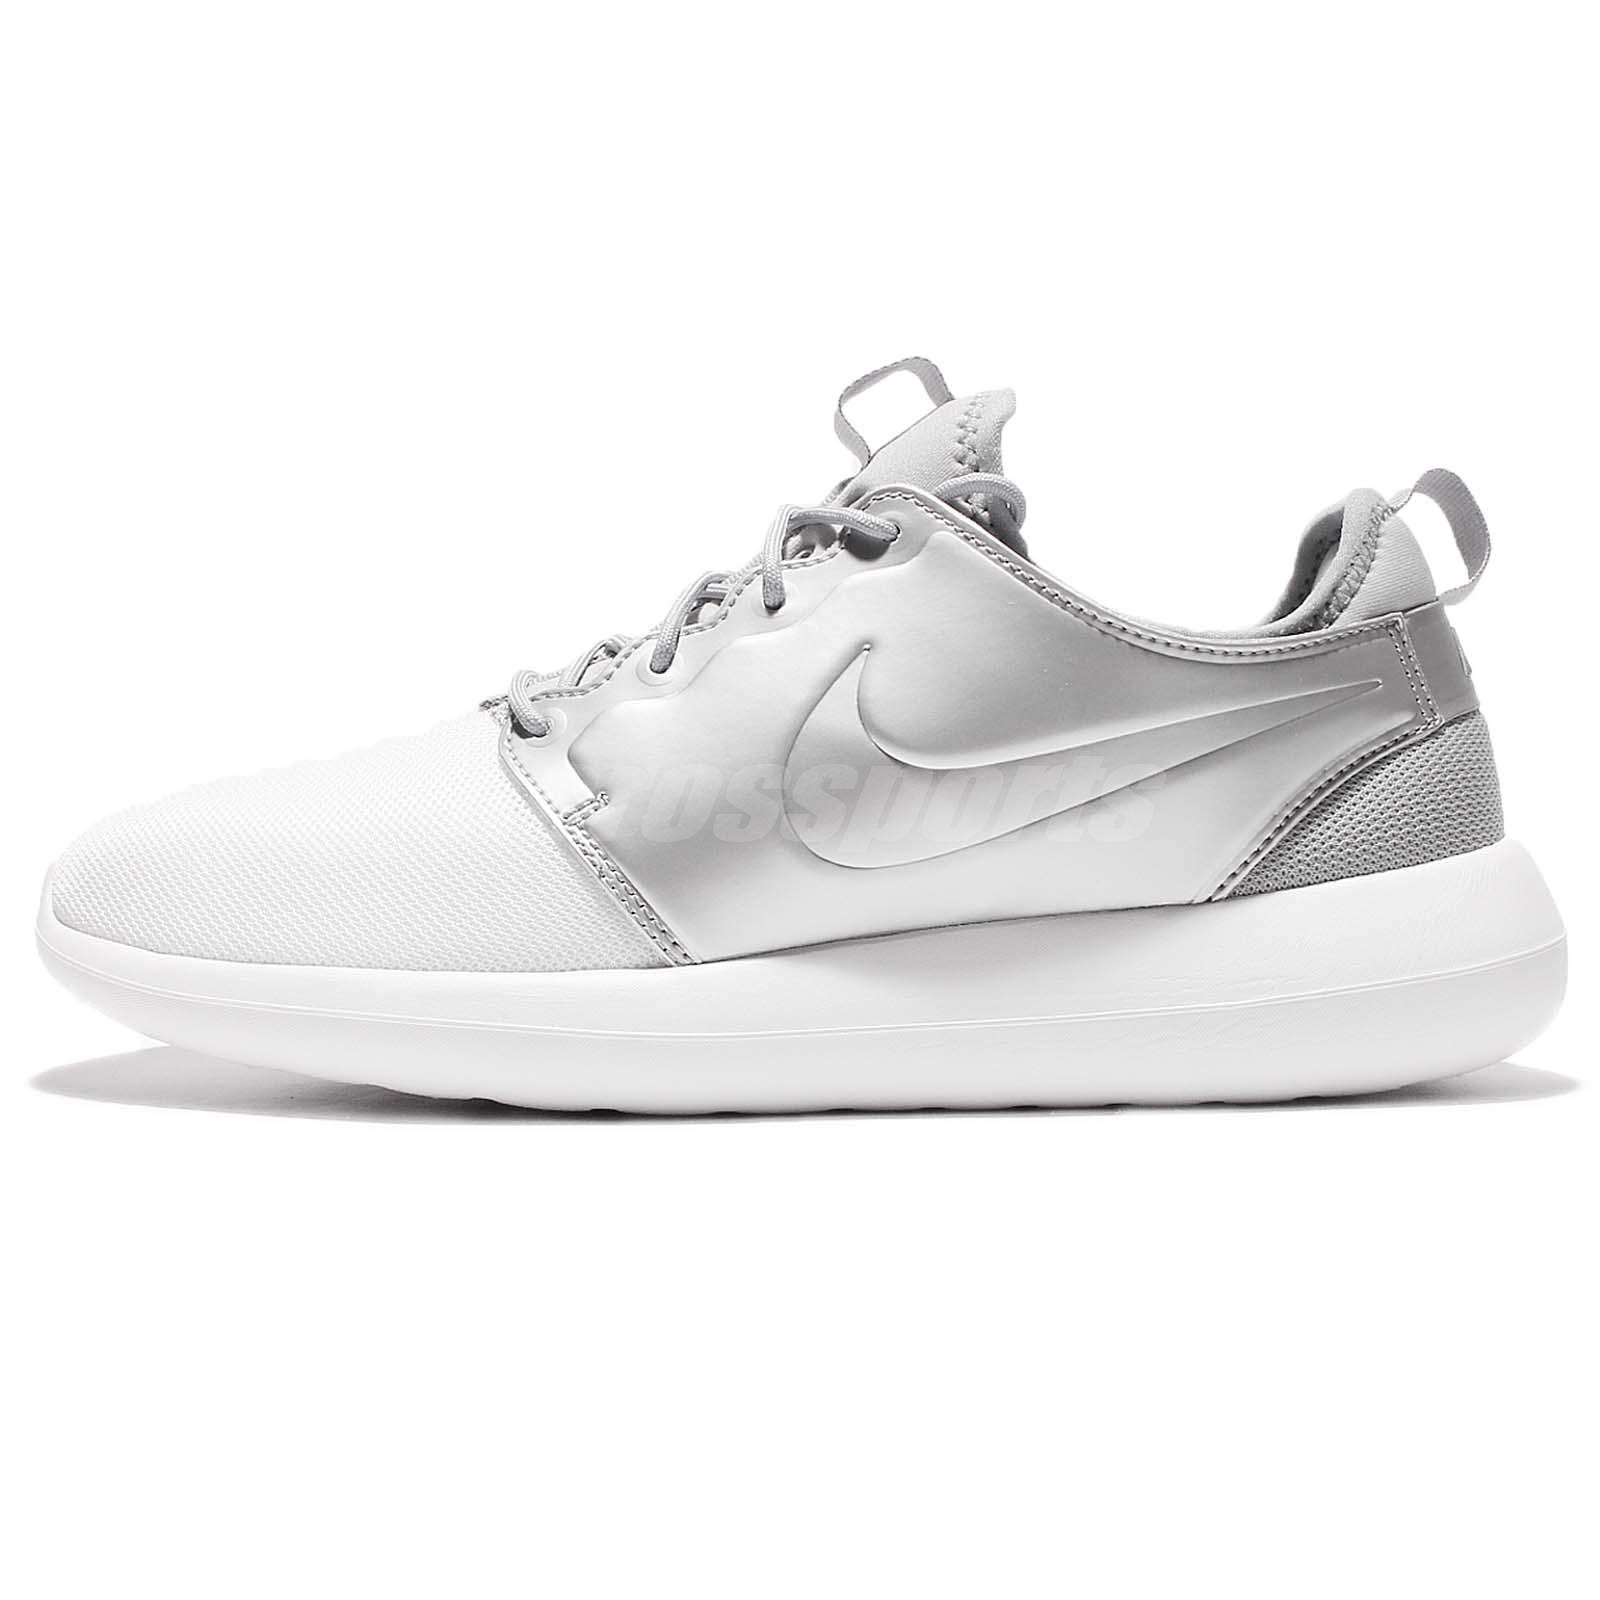 separation shoes 42b4c 56c98 Nike Roshe Two 2 Rosherun Metallic Silver Men Running Shoes Sneakers 844656- 100